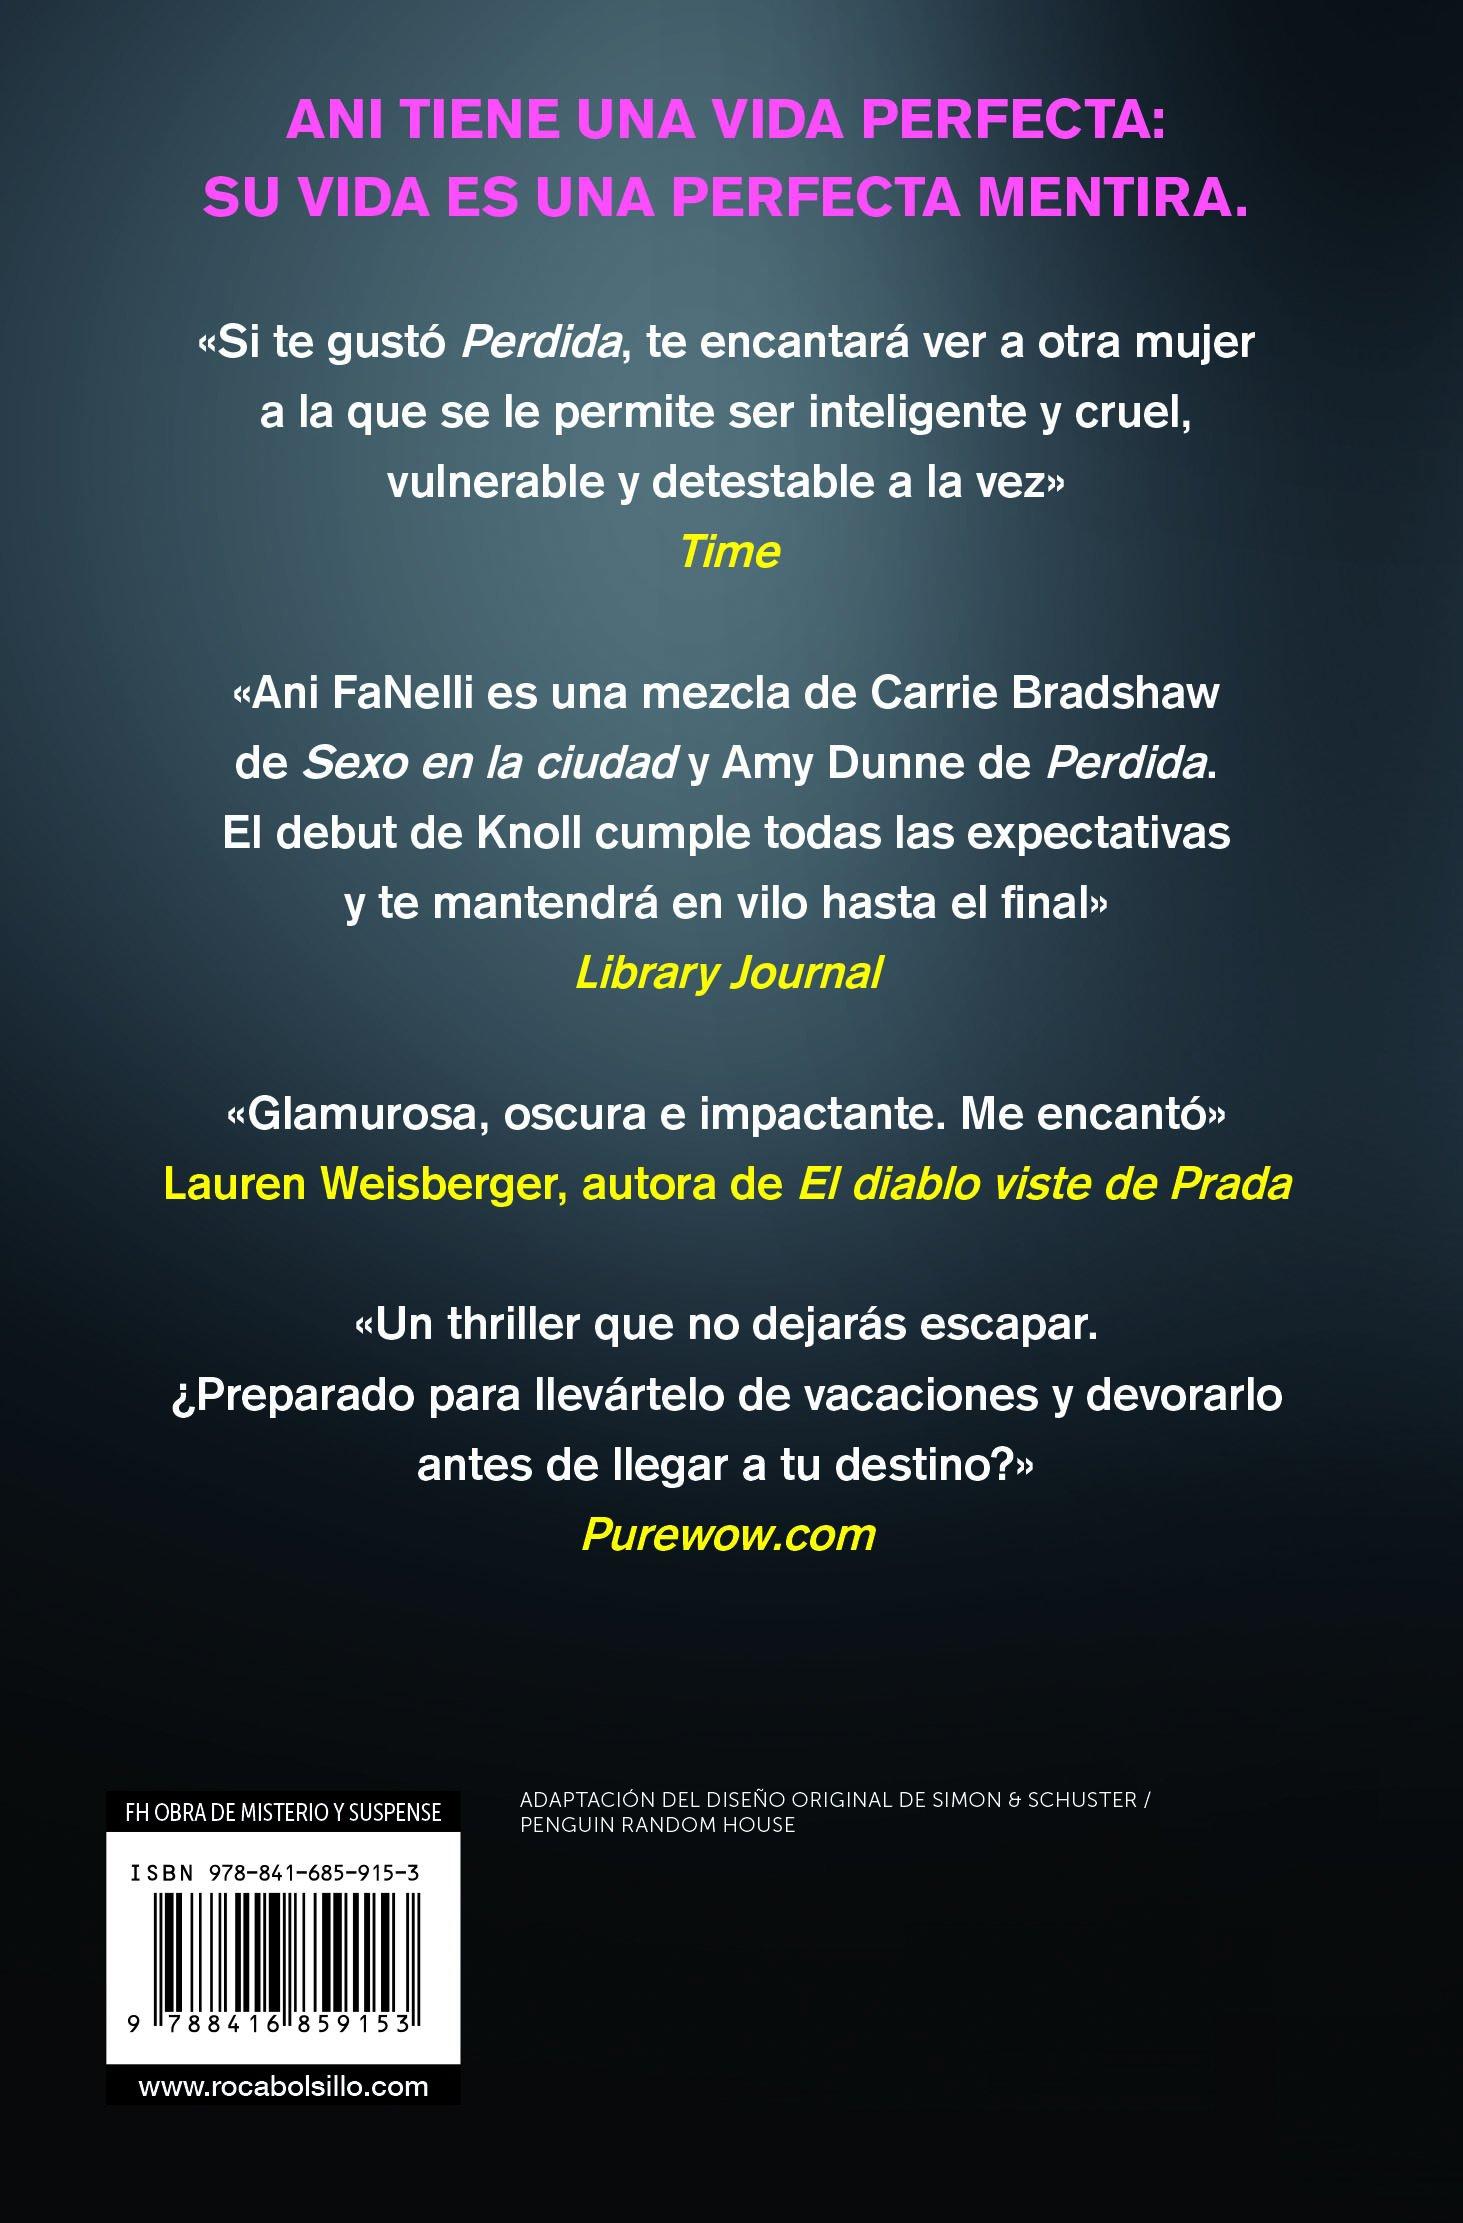 La Chica Que Lo Tenia Todo: Jessica Knoll: 9788416859153: Books - Amazon.ca